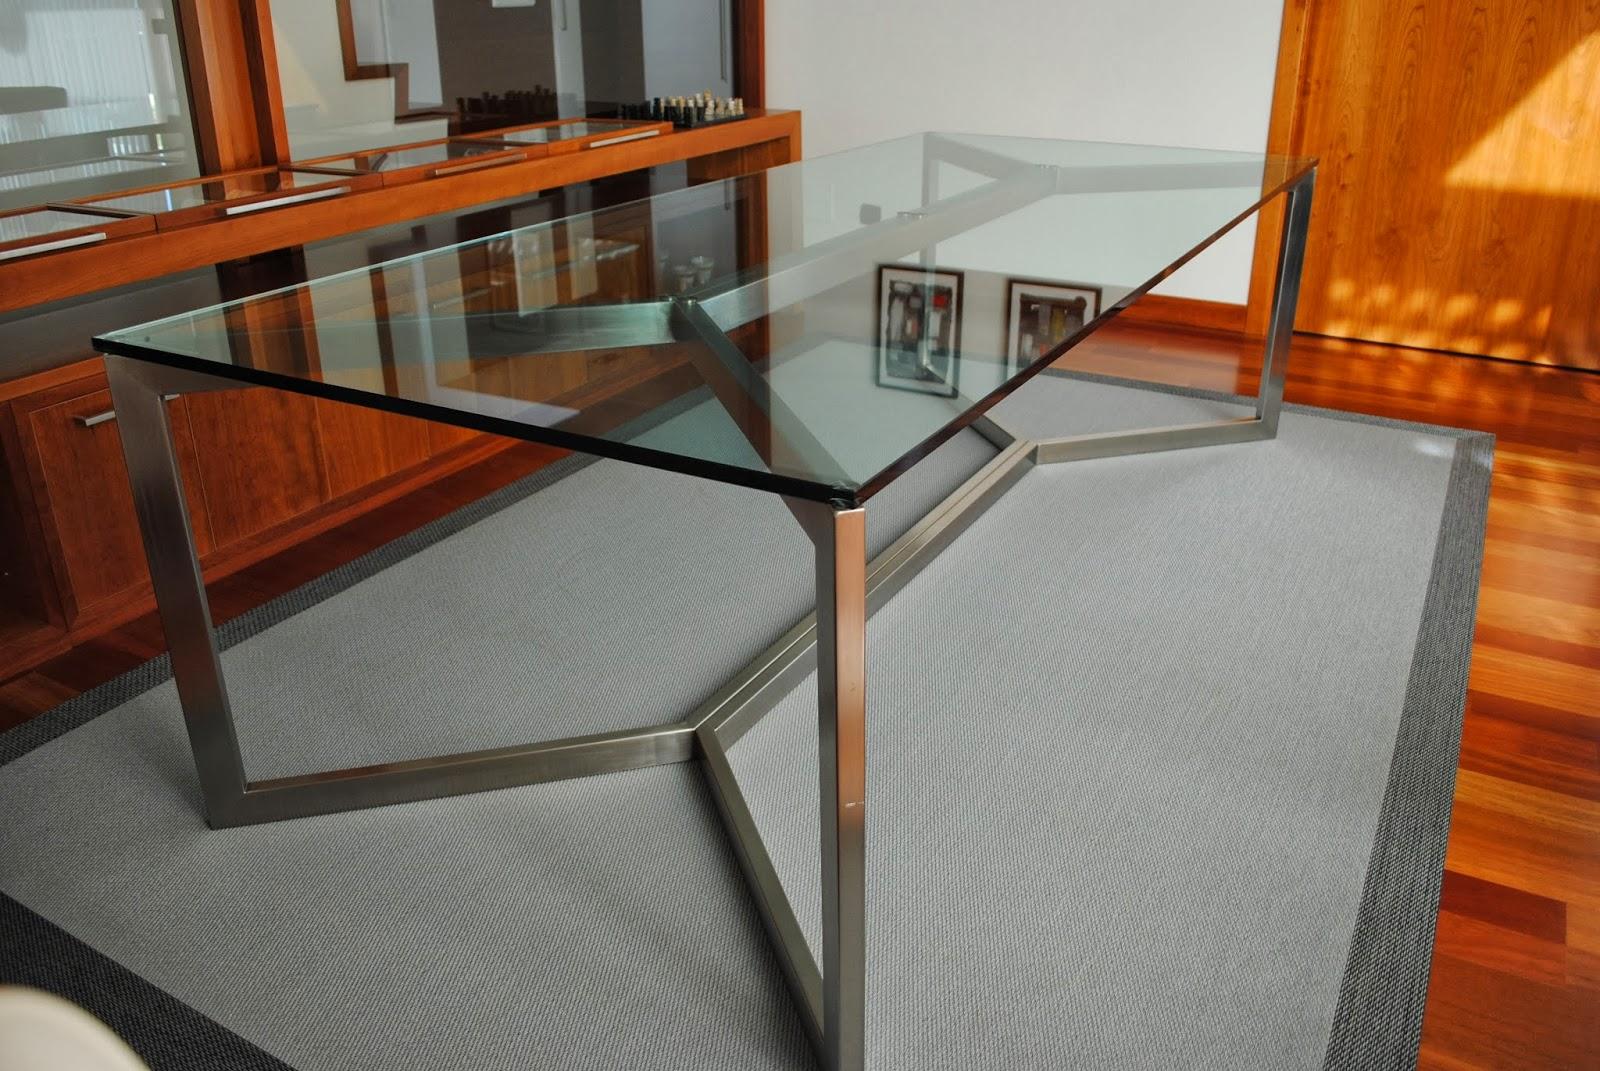 Talleres santiso mesas de comedor en acero in xidable y cristal - Mesas de comedor de cristal y acero ...